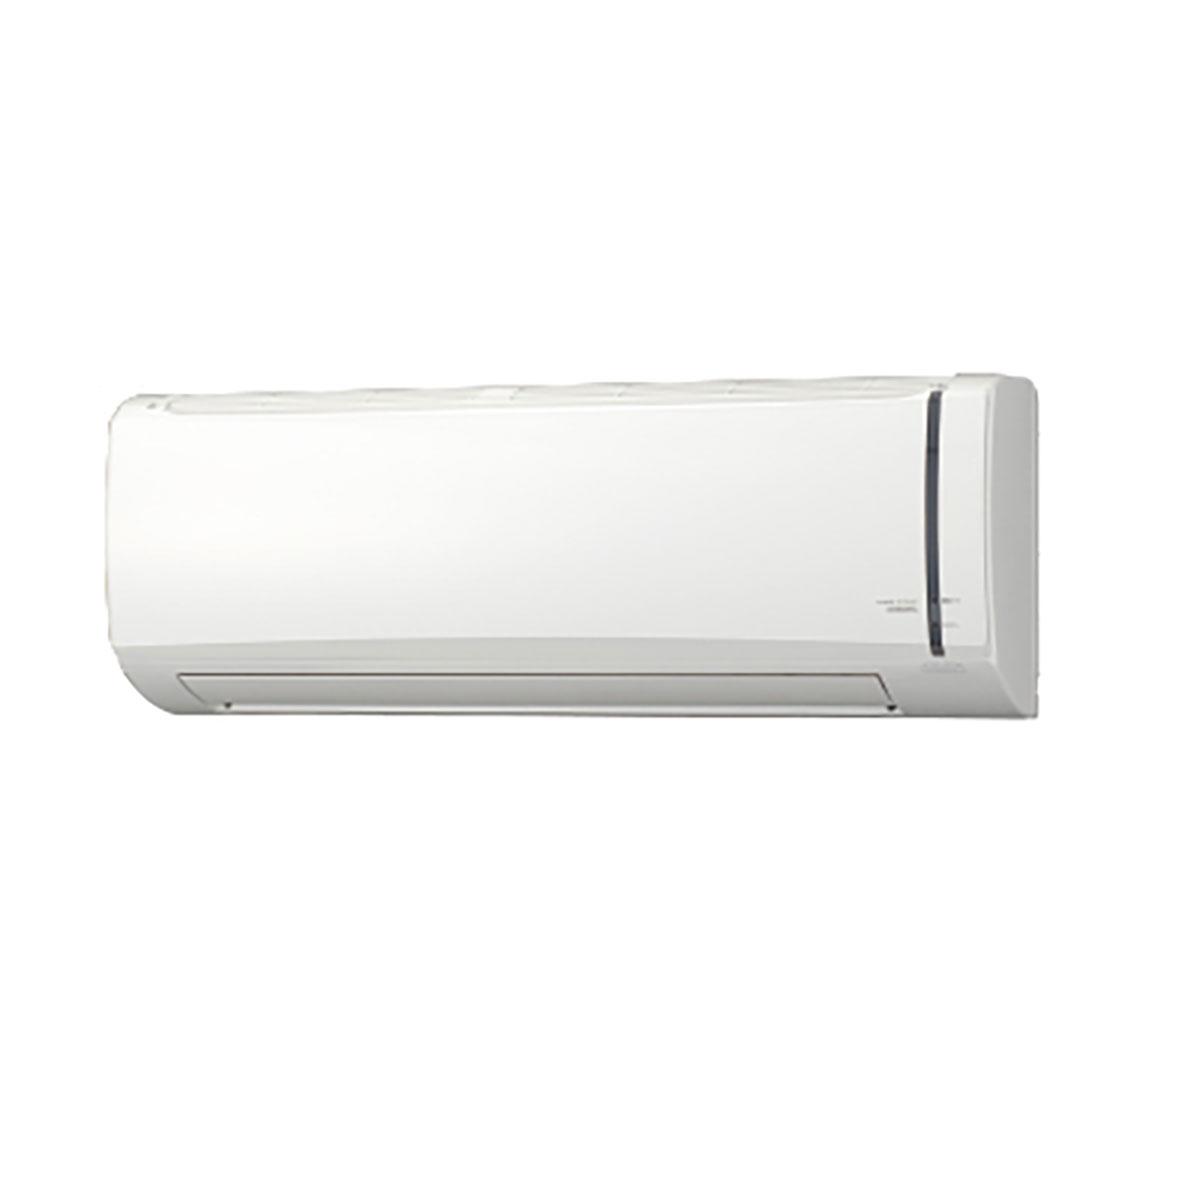 【エントリーでポイント9倍】コロナ/CORONA RC-V4019R(W) ルームエアコン 冷房11~17畳 エアコン冷房専用シリーズ【05/09 20:00~05/16 01:59】